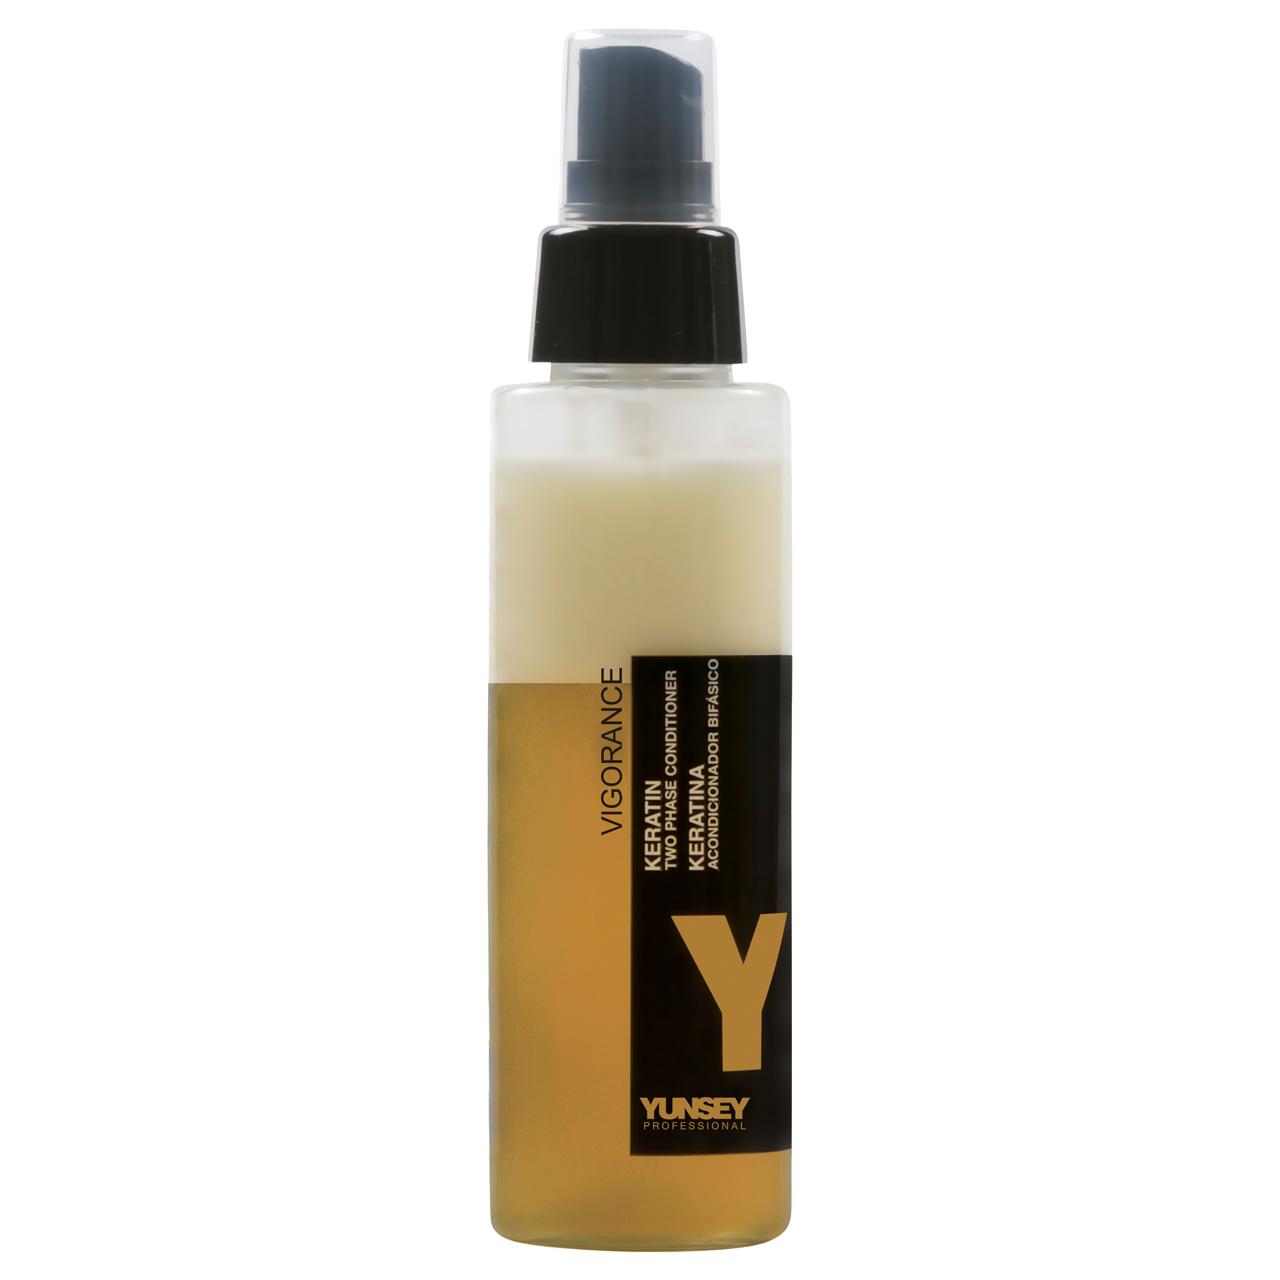 اسپری دوفاز ترمیم کننده و تقویت کننده مو یانسی مدل کراتین گلد حجم 100 میلی لیتر